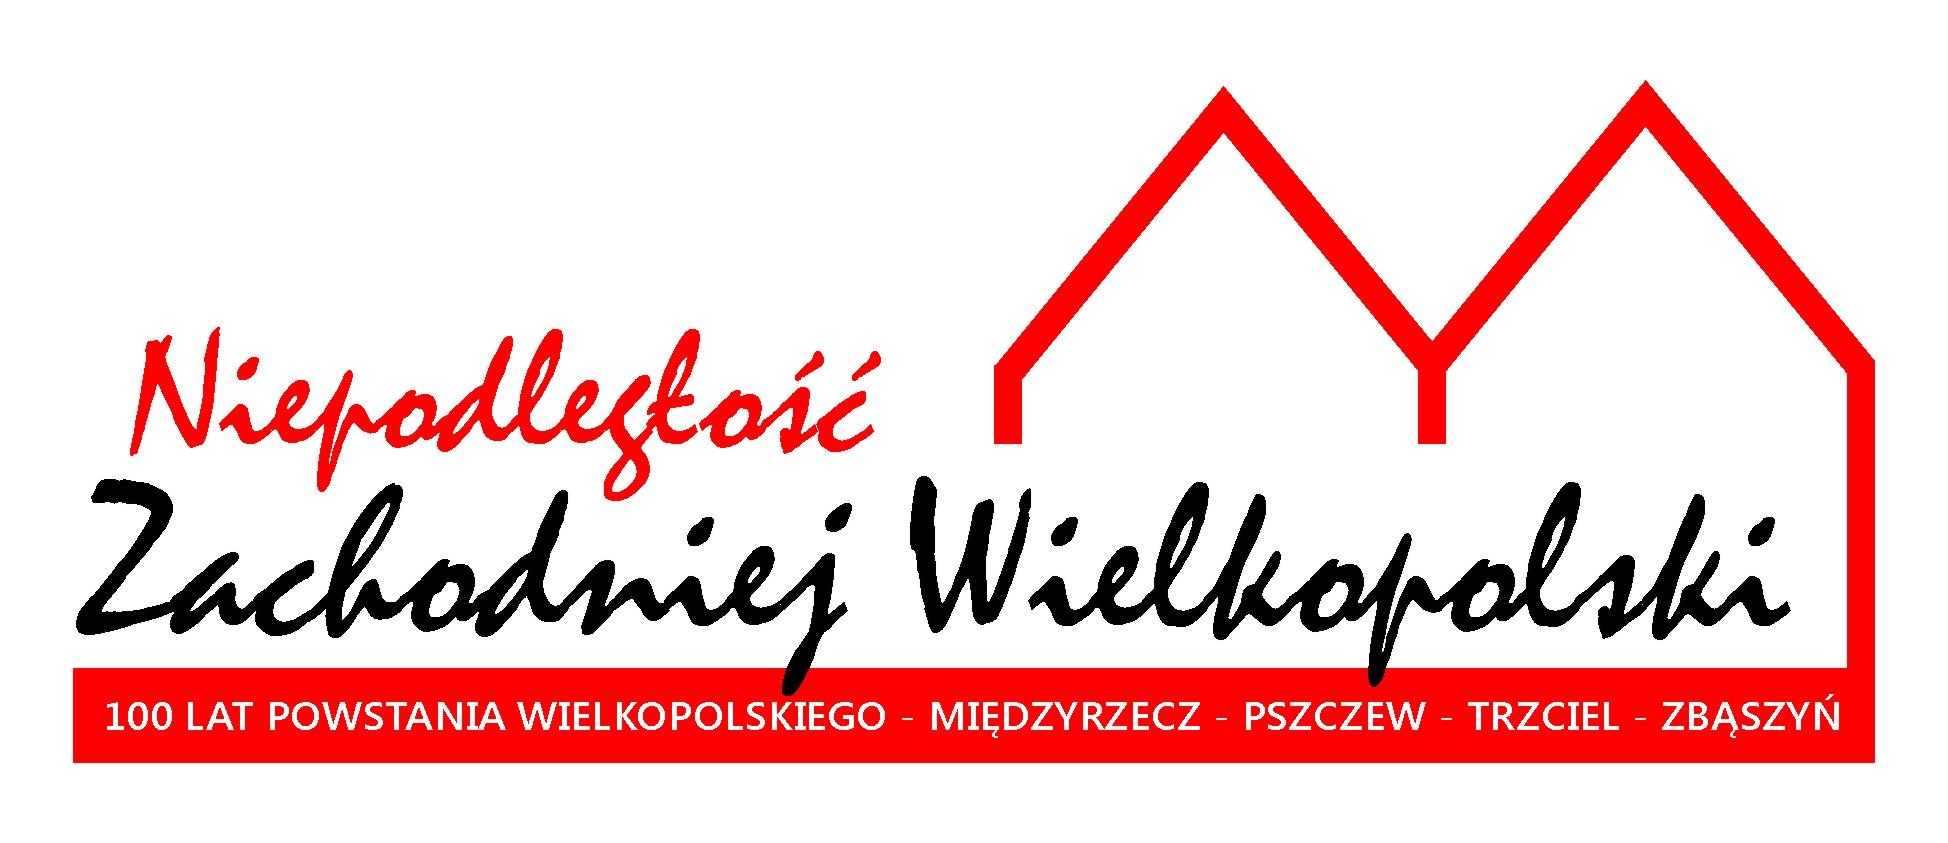 Niepodległość Zachodniej Wielkopolski